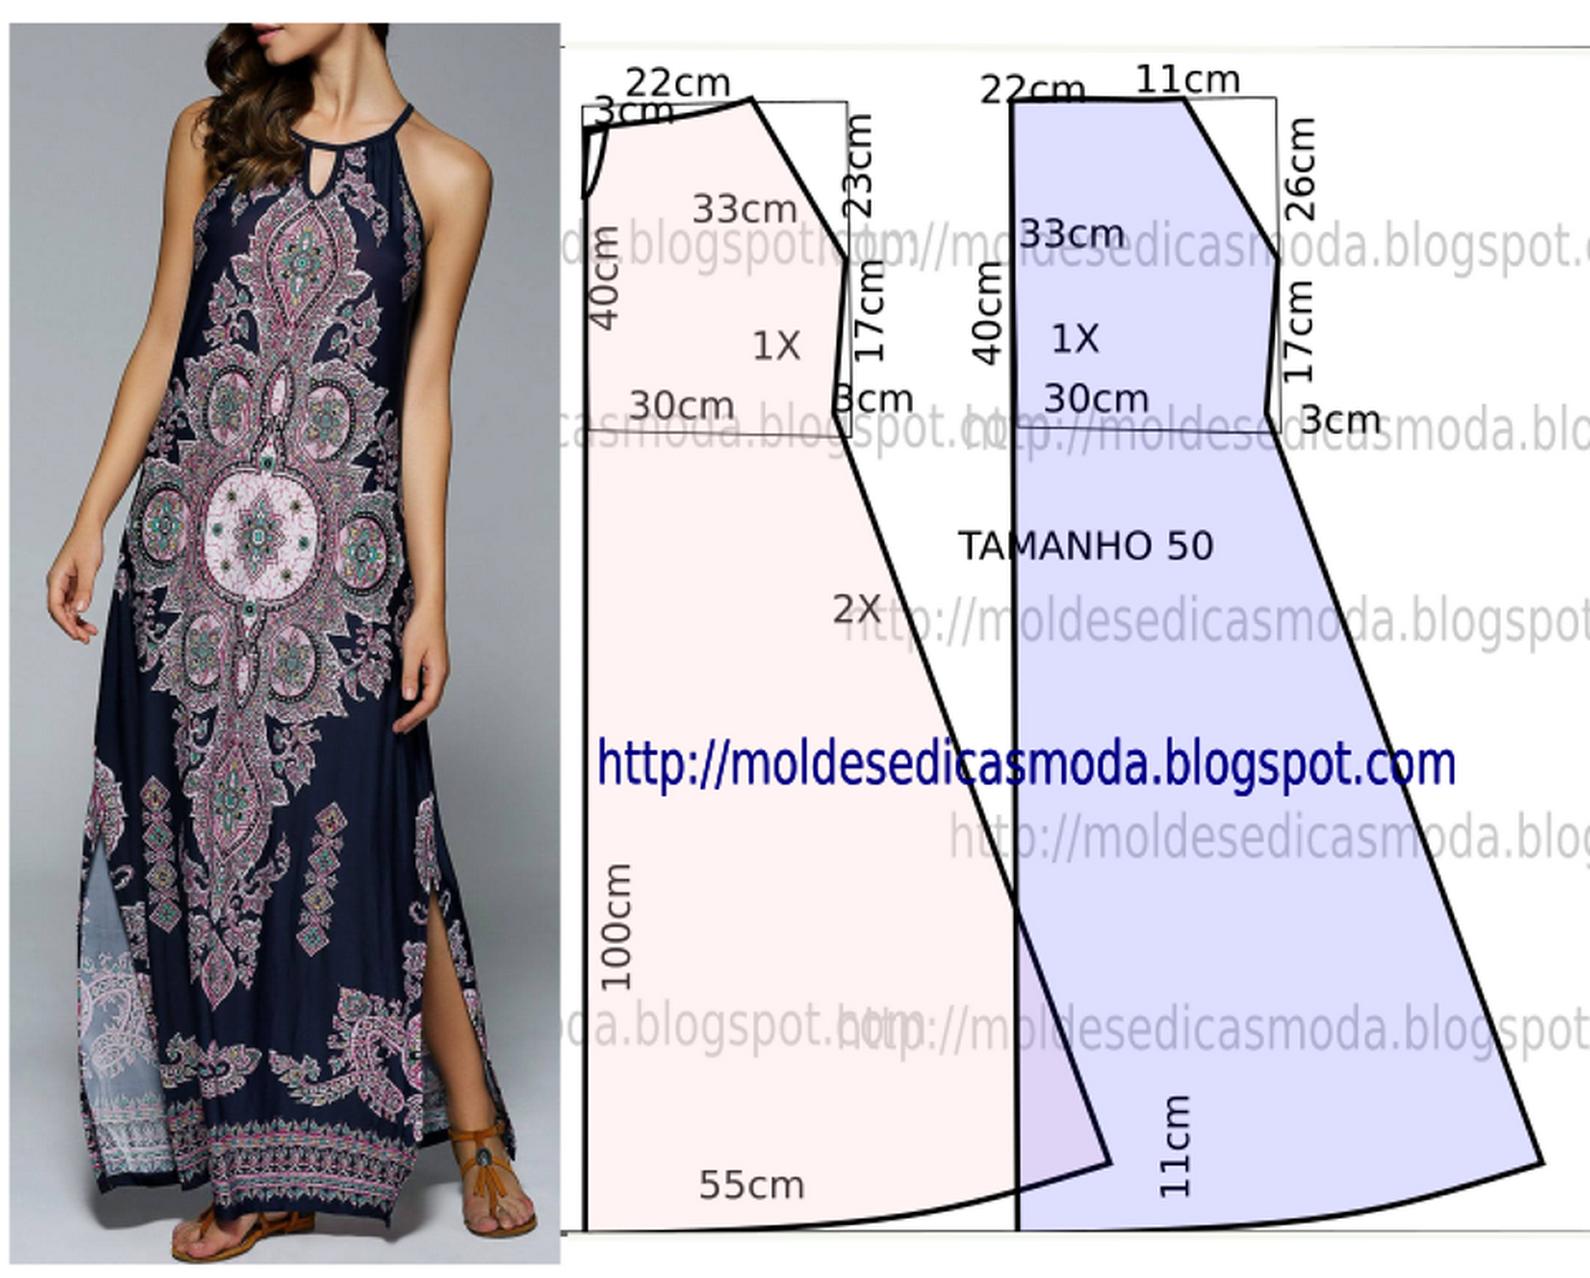 f172ab9cc3dbed Vestido azul royal estampado - Moldes Moda por Medida